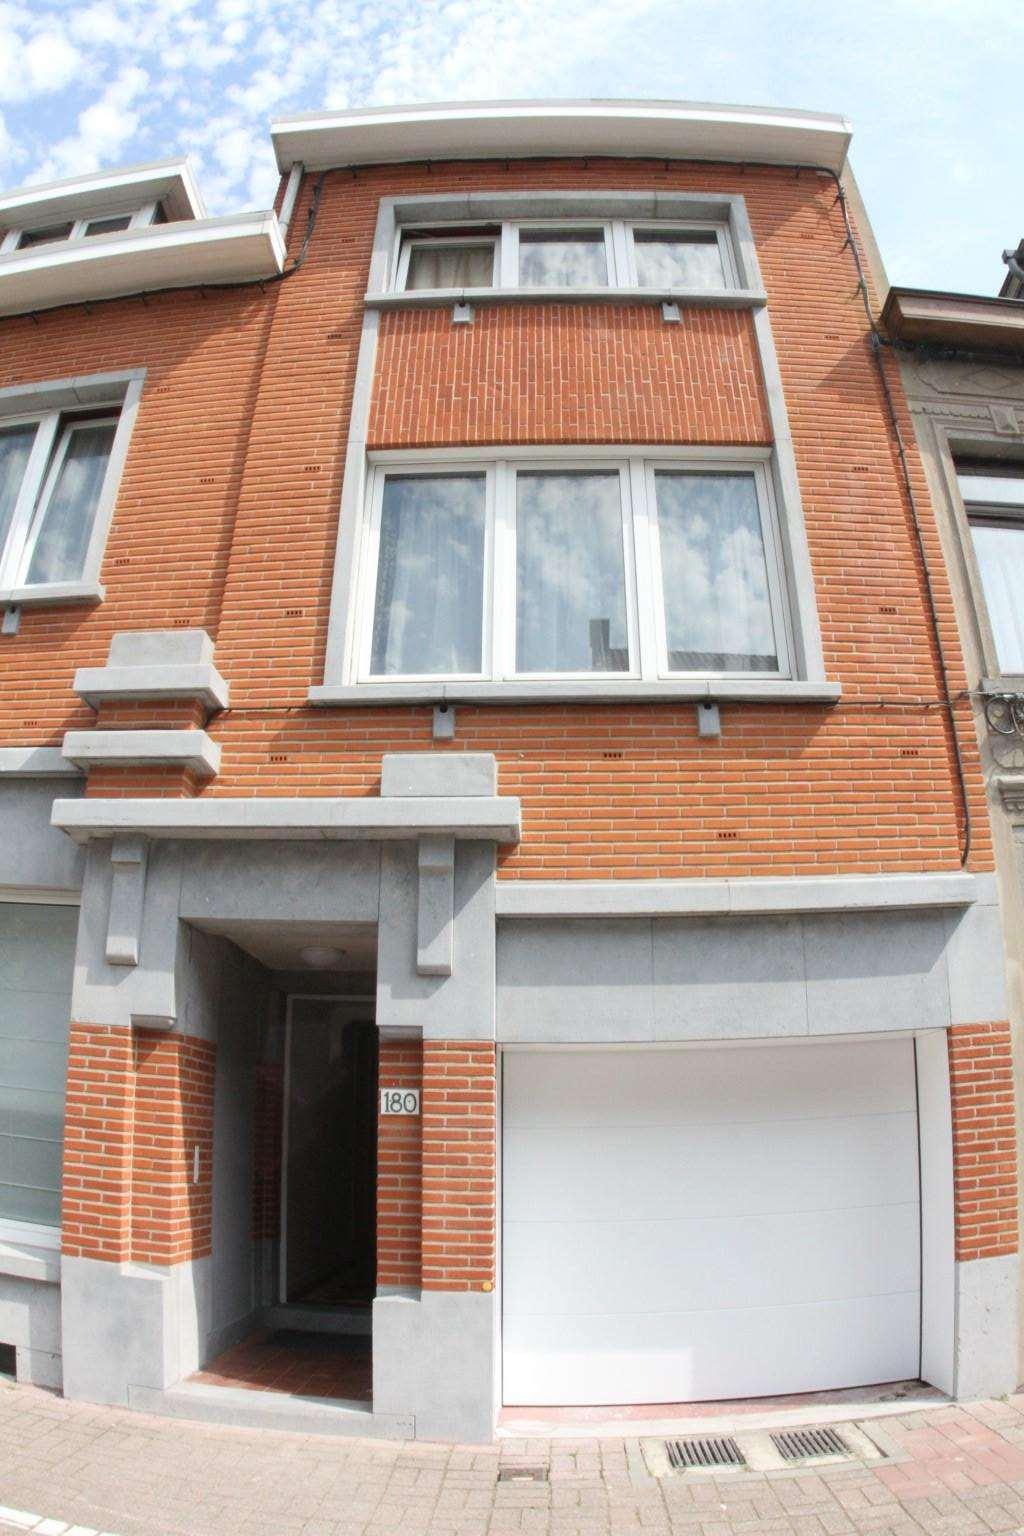 Bel-étage - Tubize - #2663760-0